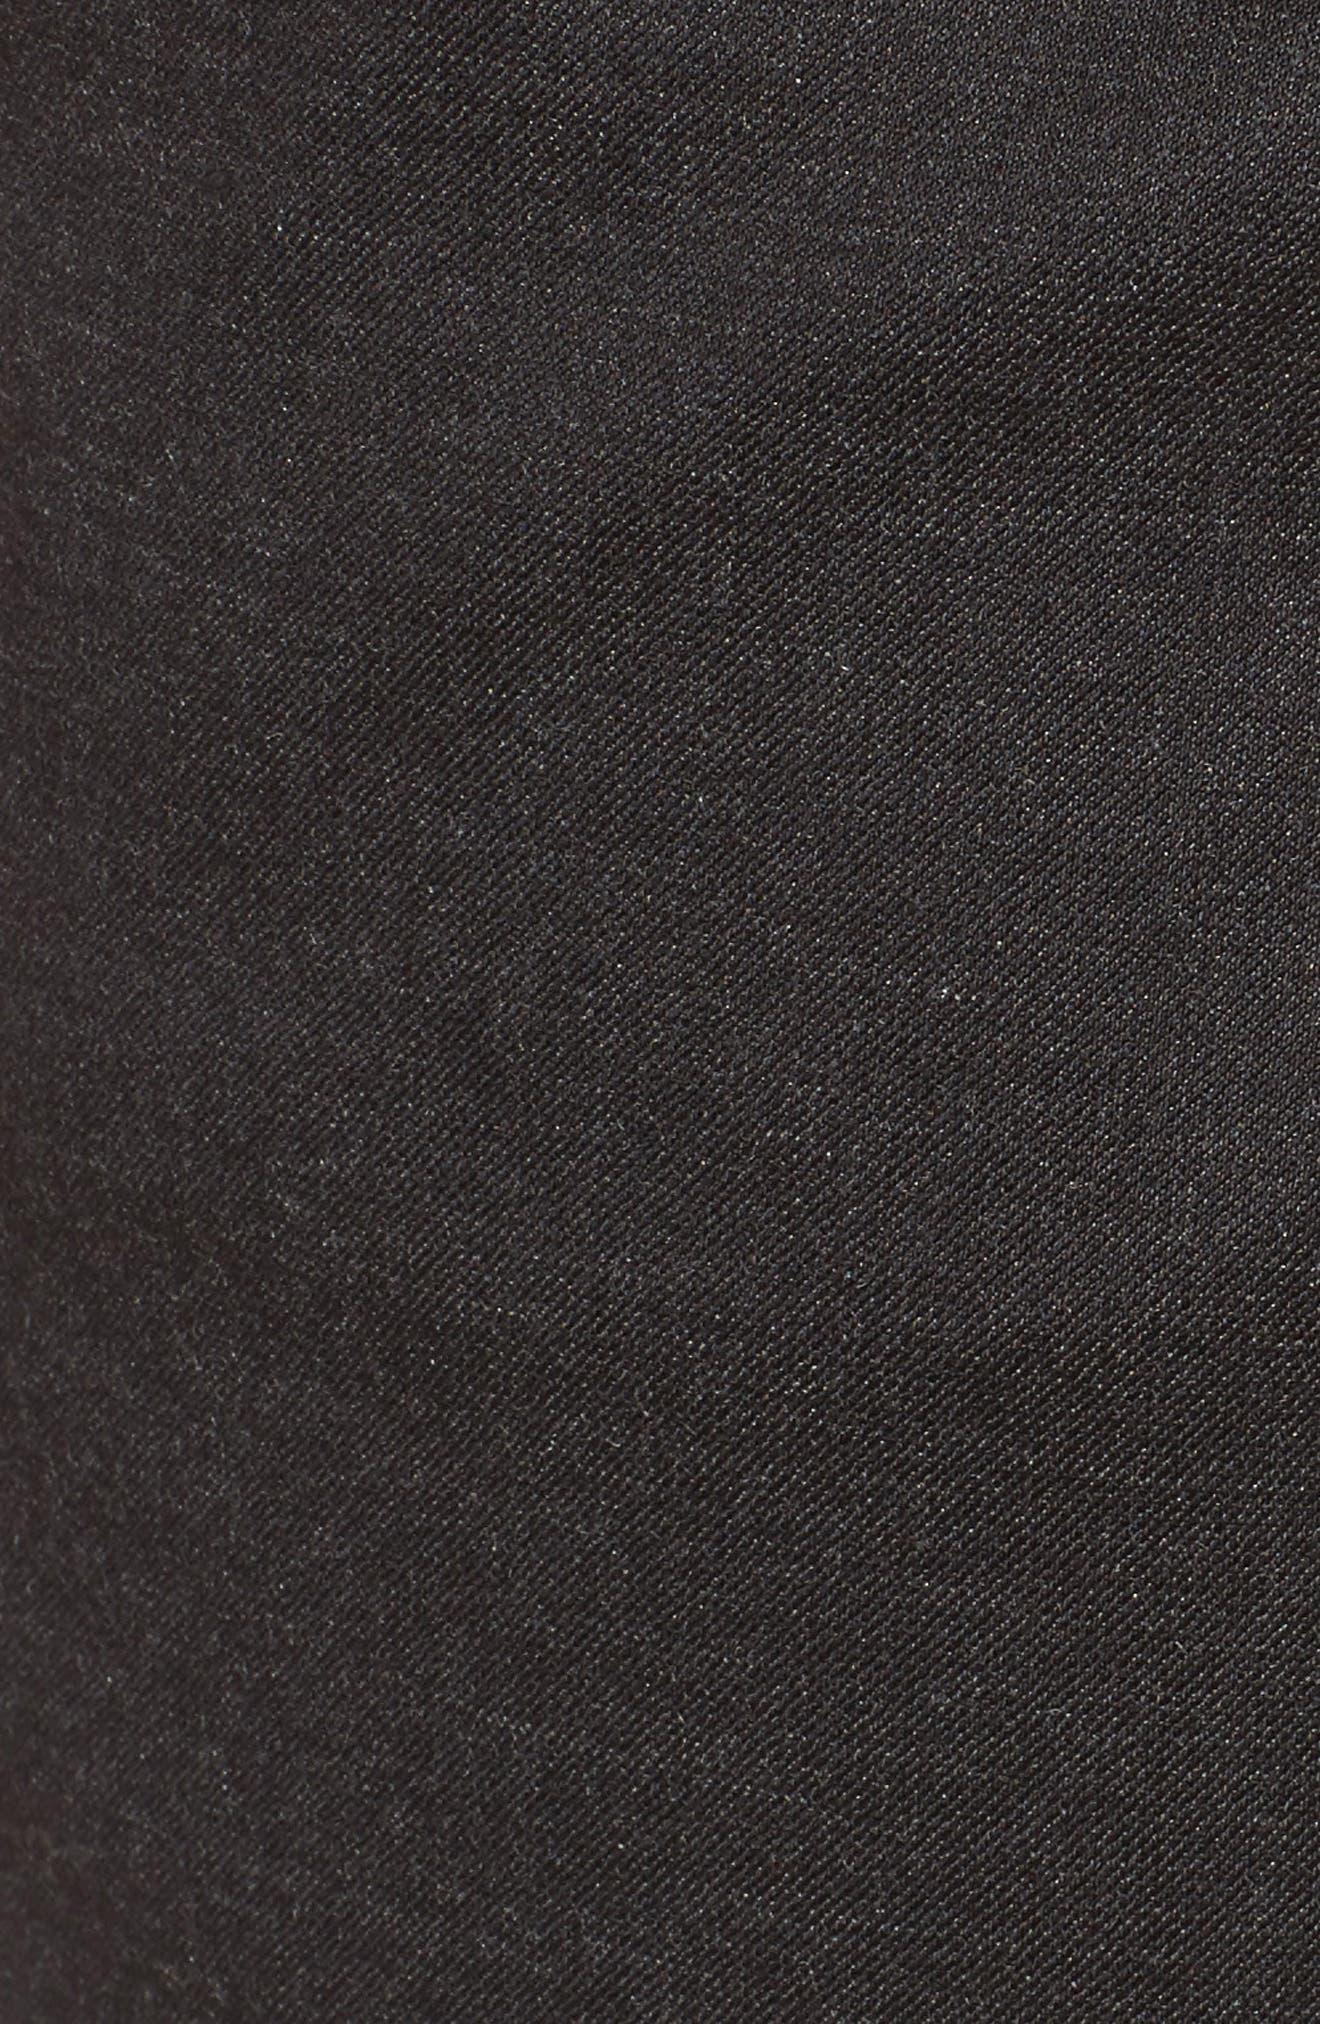 Tilunana Stretch Wool Blend Suit Trousers,                             Alternate thumbnail 5, color,                             094